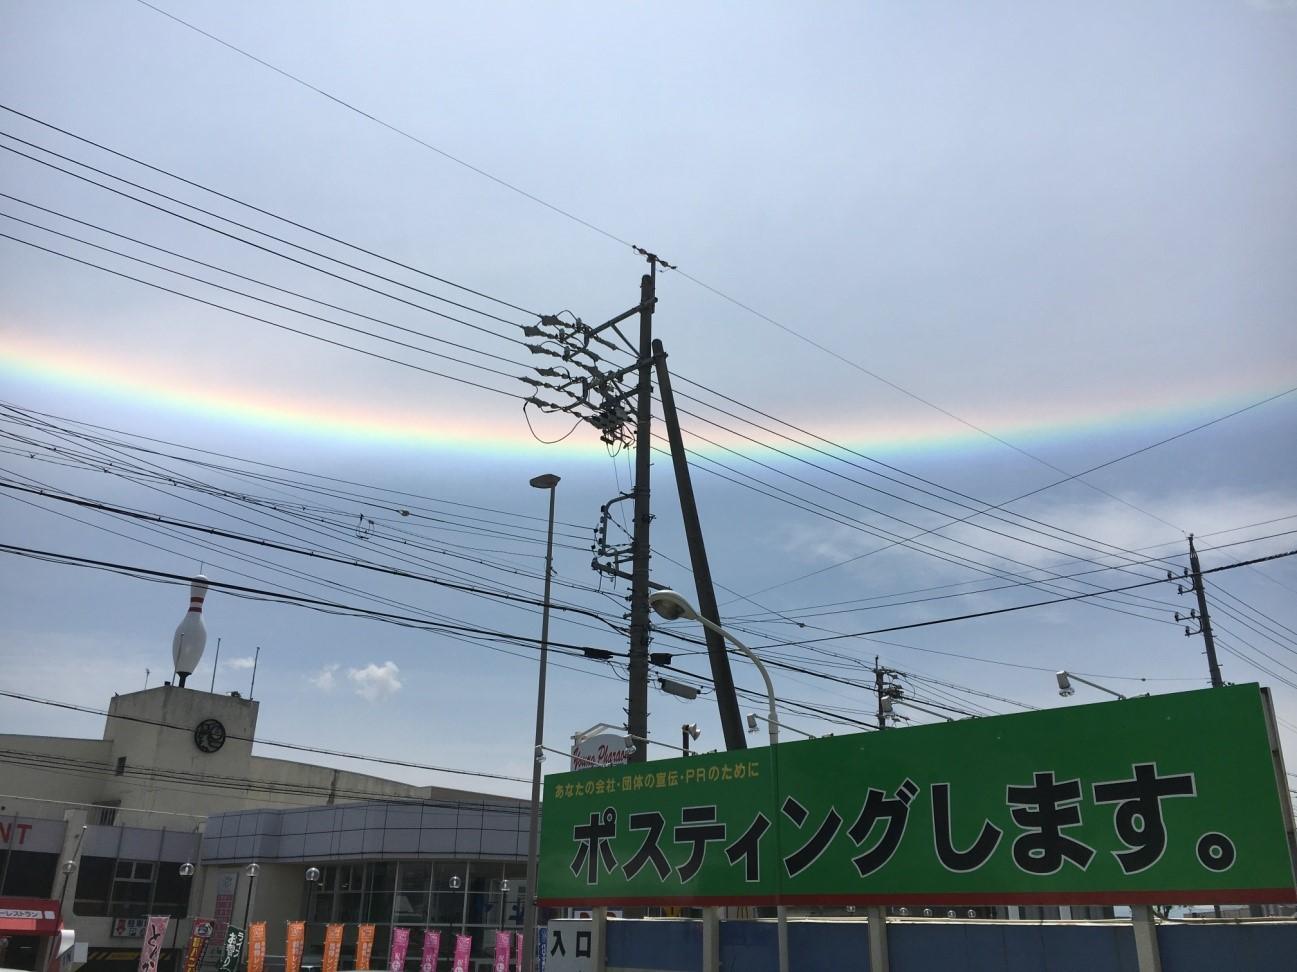 色鮮やかな不思議な雲「彩雲」